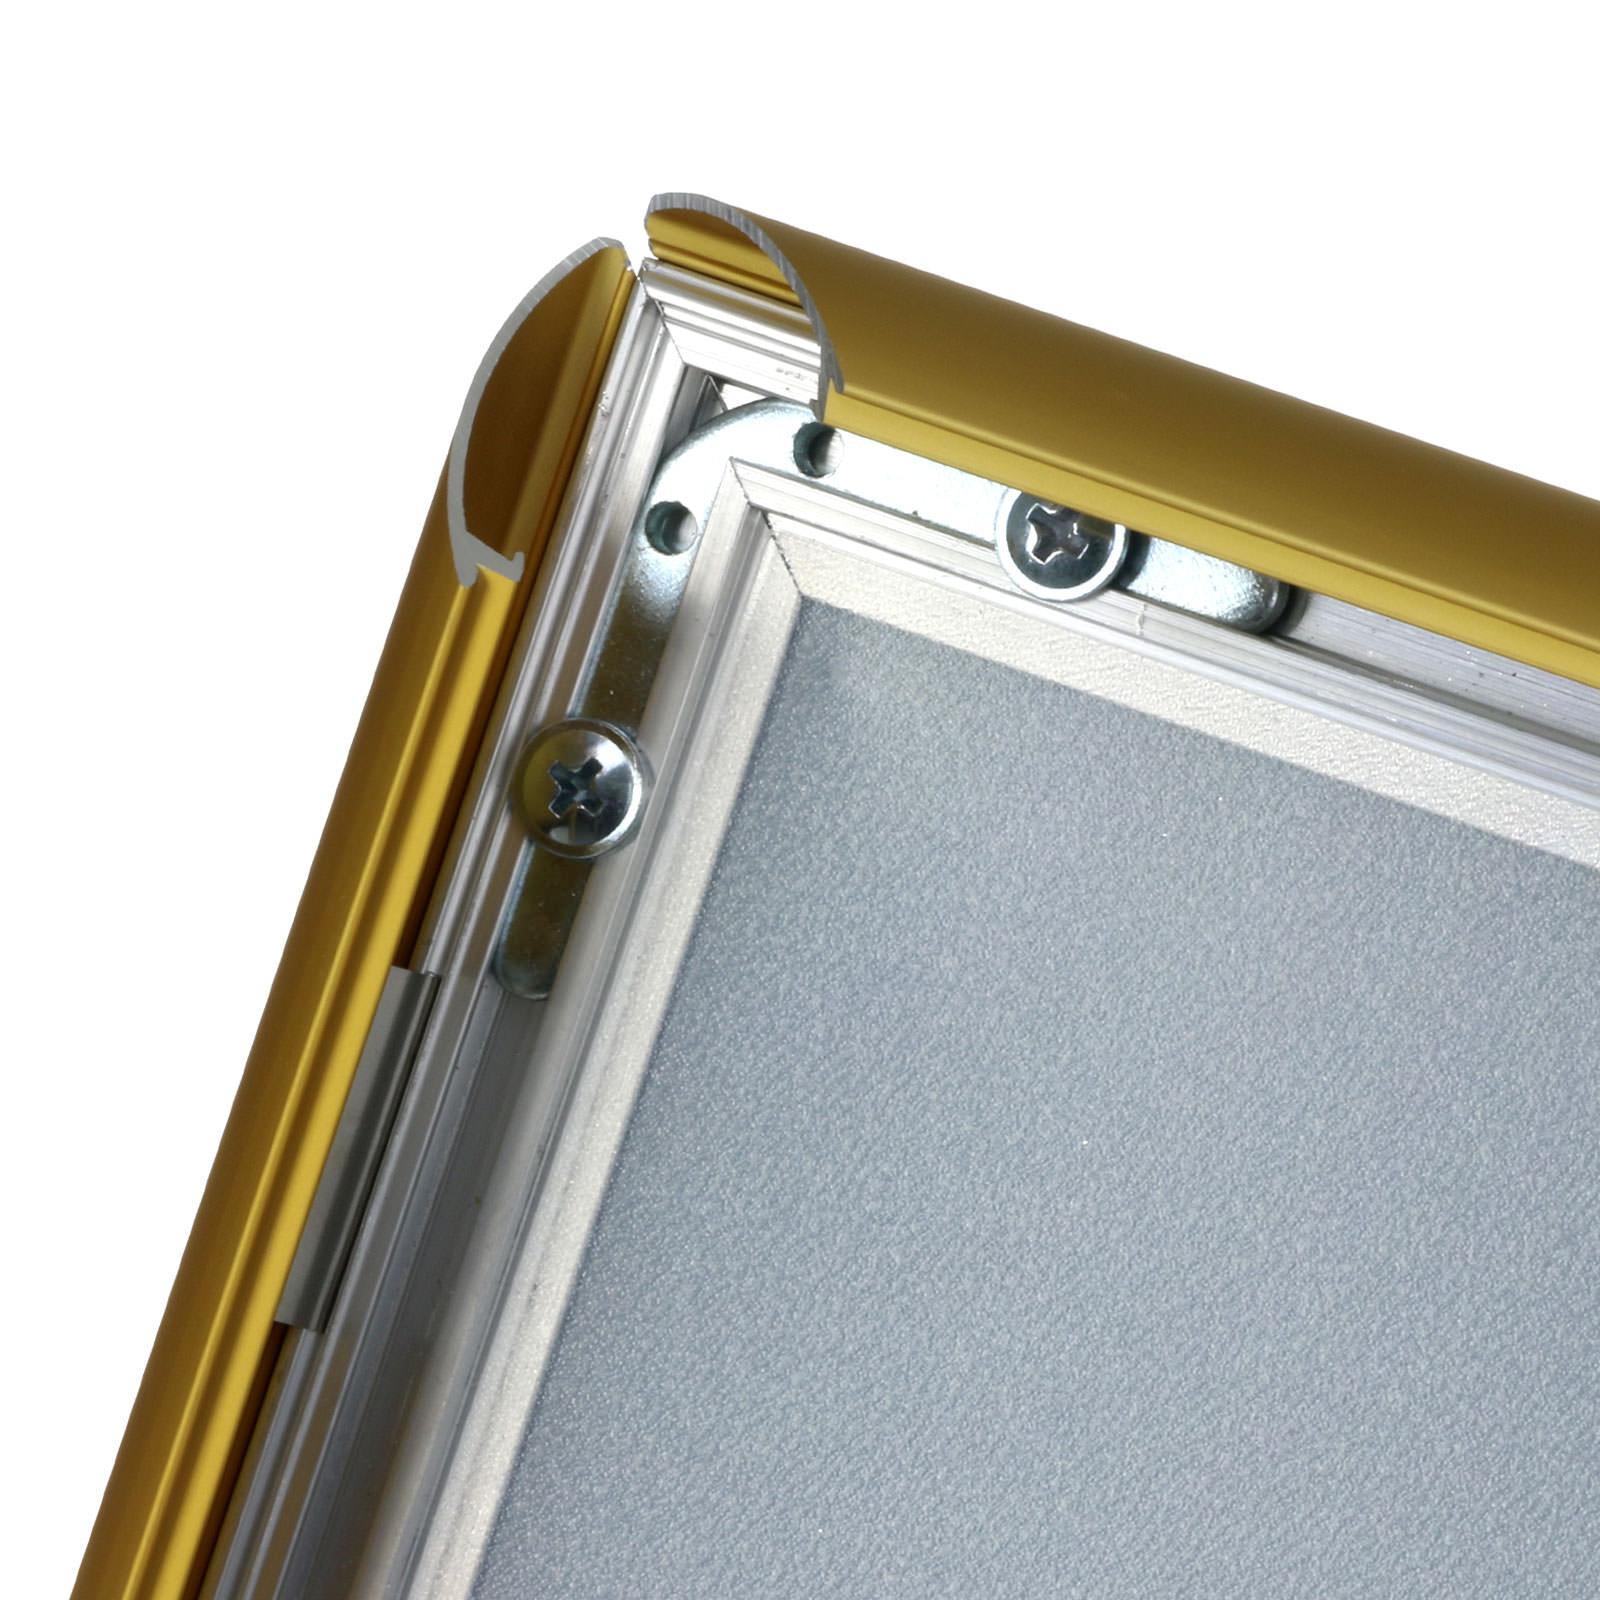 Klapprahmen gold A4 A3 A2 A1 Plakatrahmen 25 mm Posterrahmen